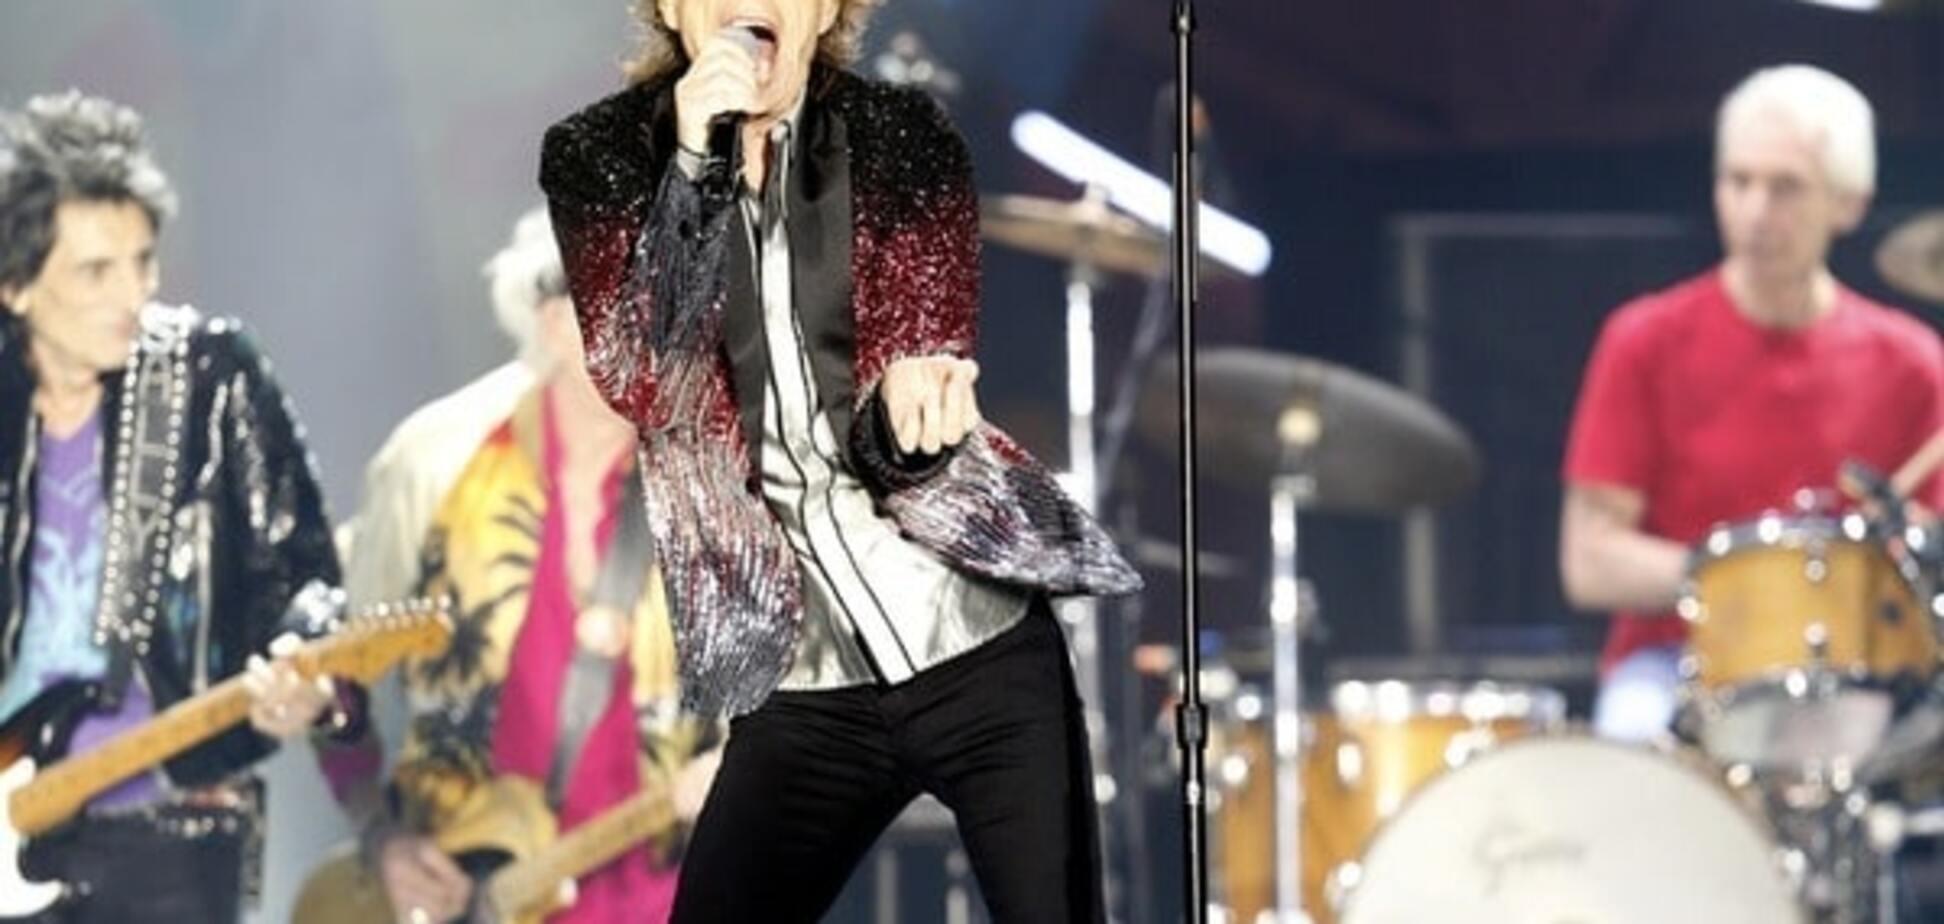 Питання життя і смерті: The Rolling Stones озброїлися і посилили охорону